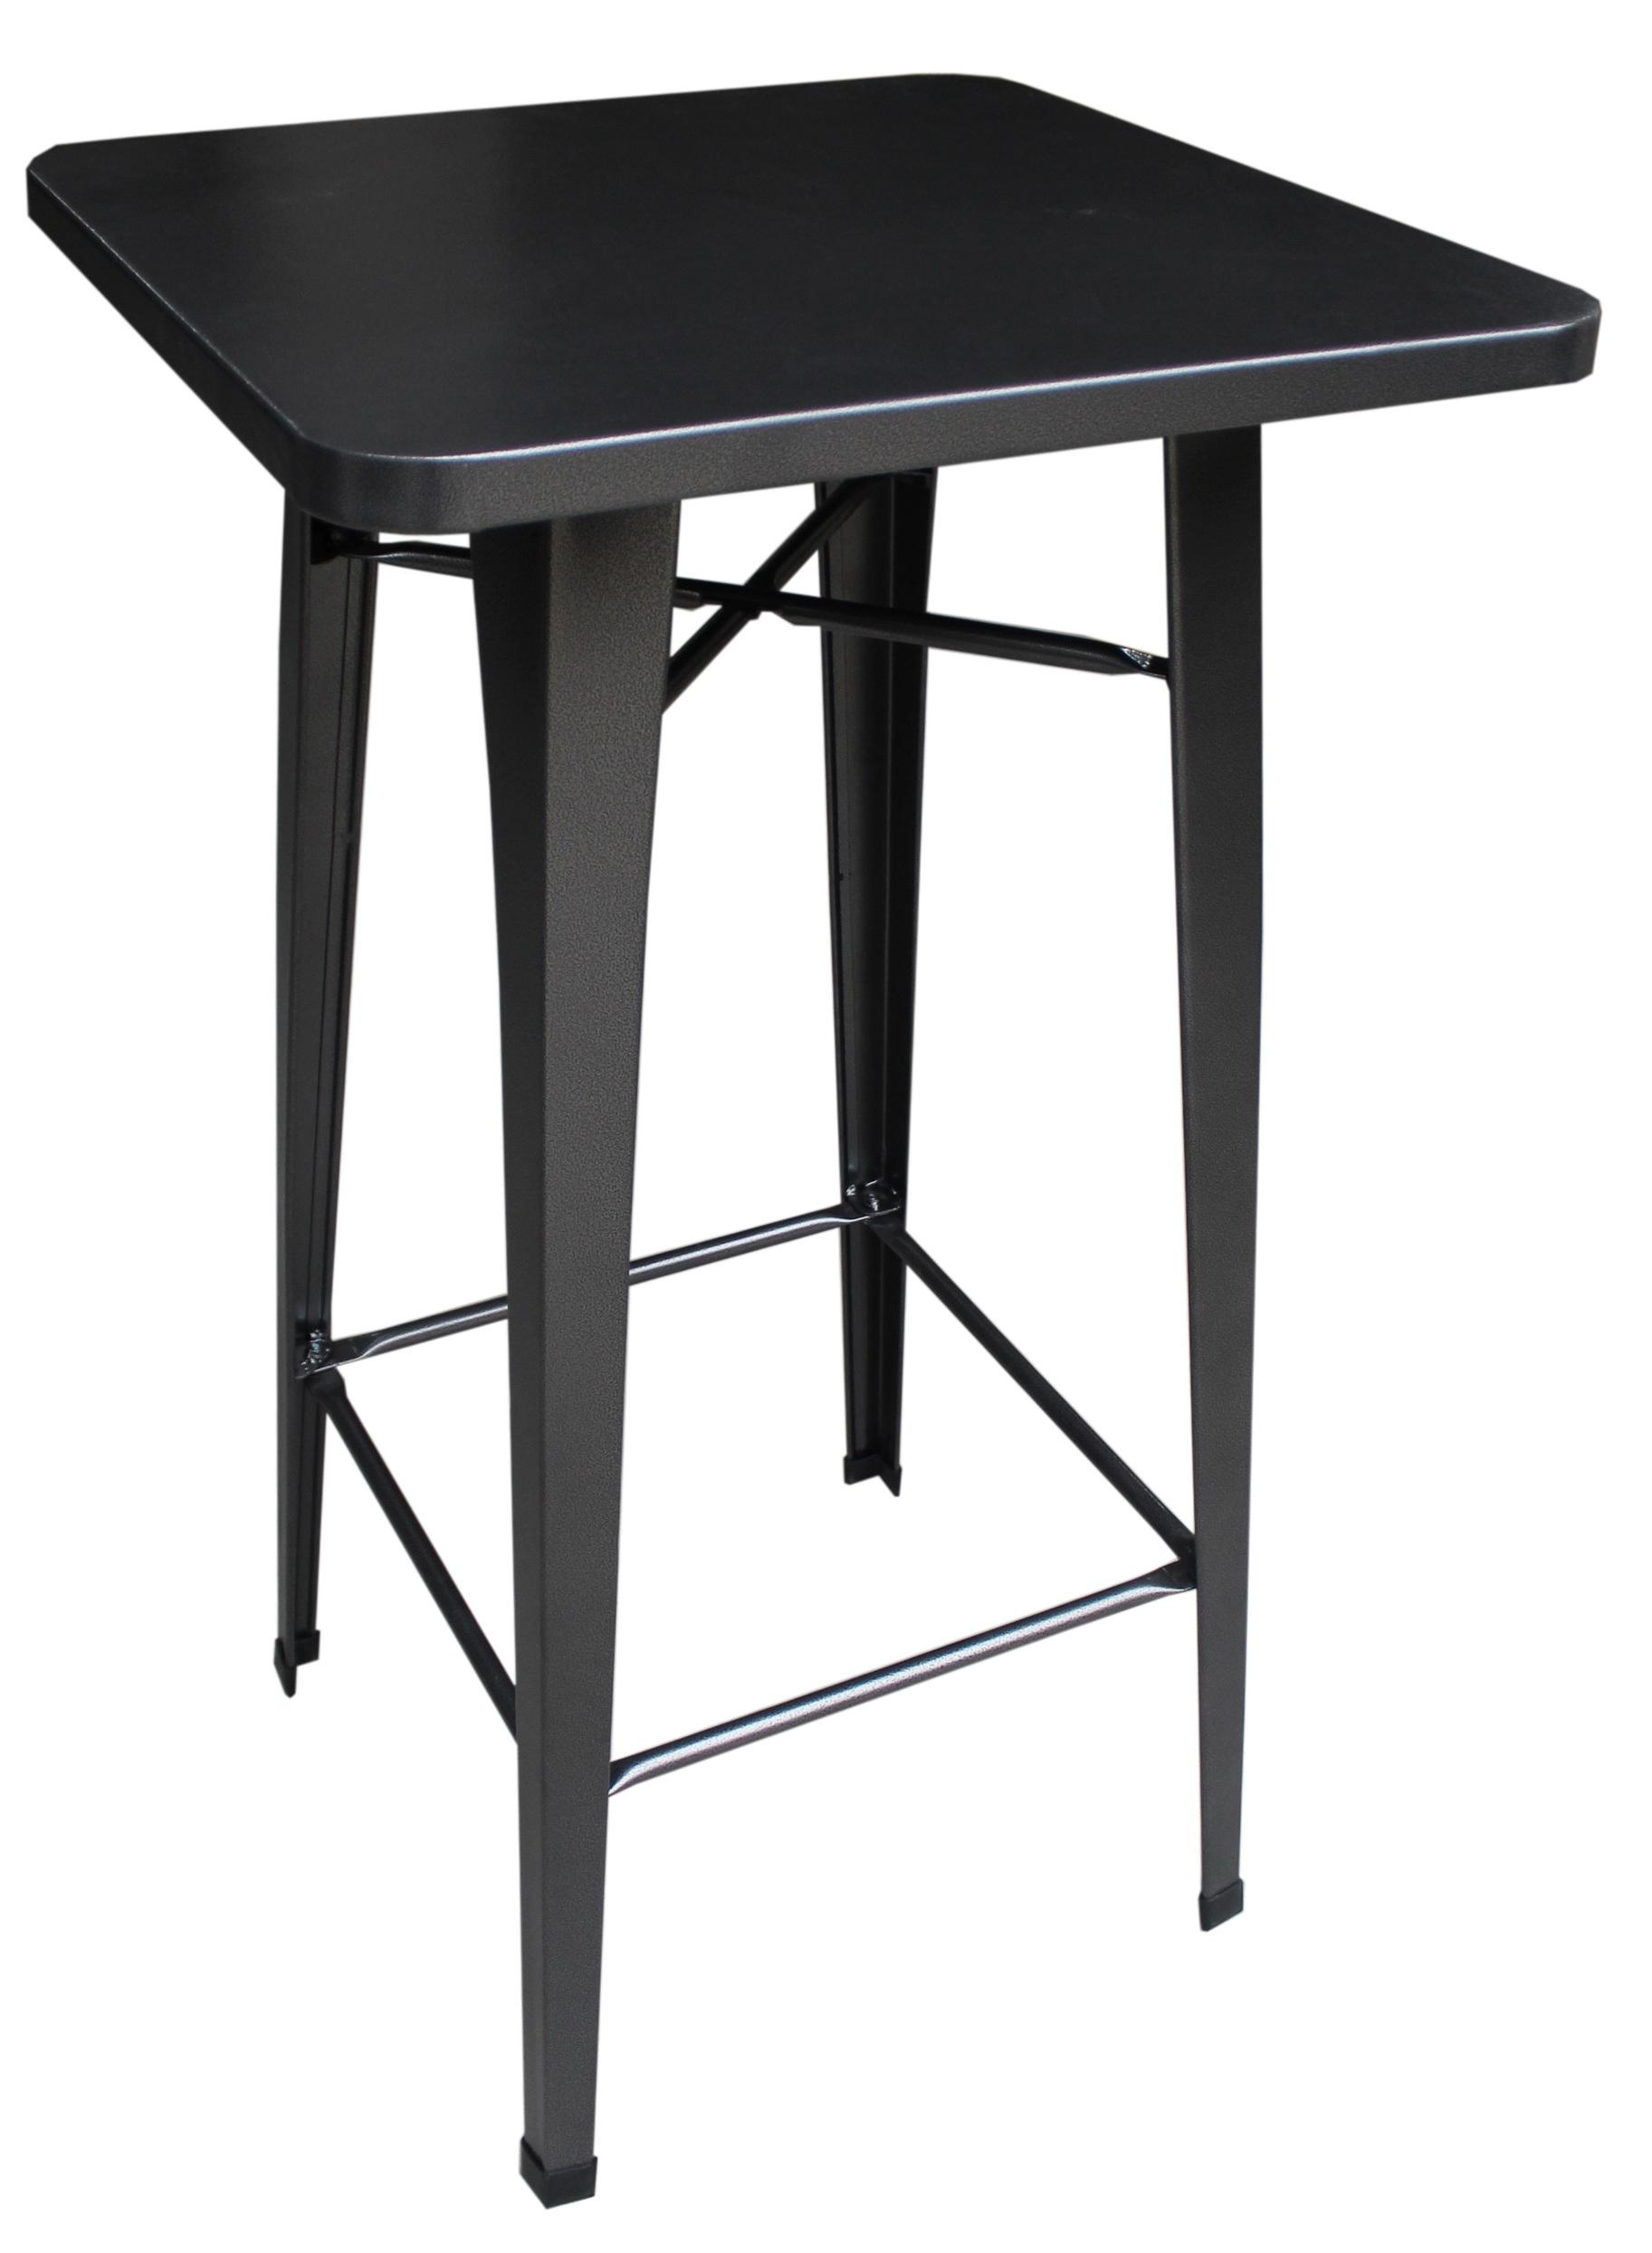 Metal furniture Supplier Malaysia